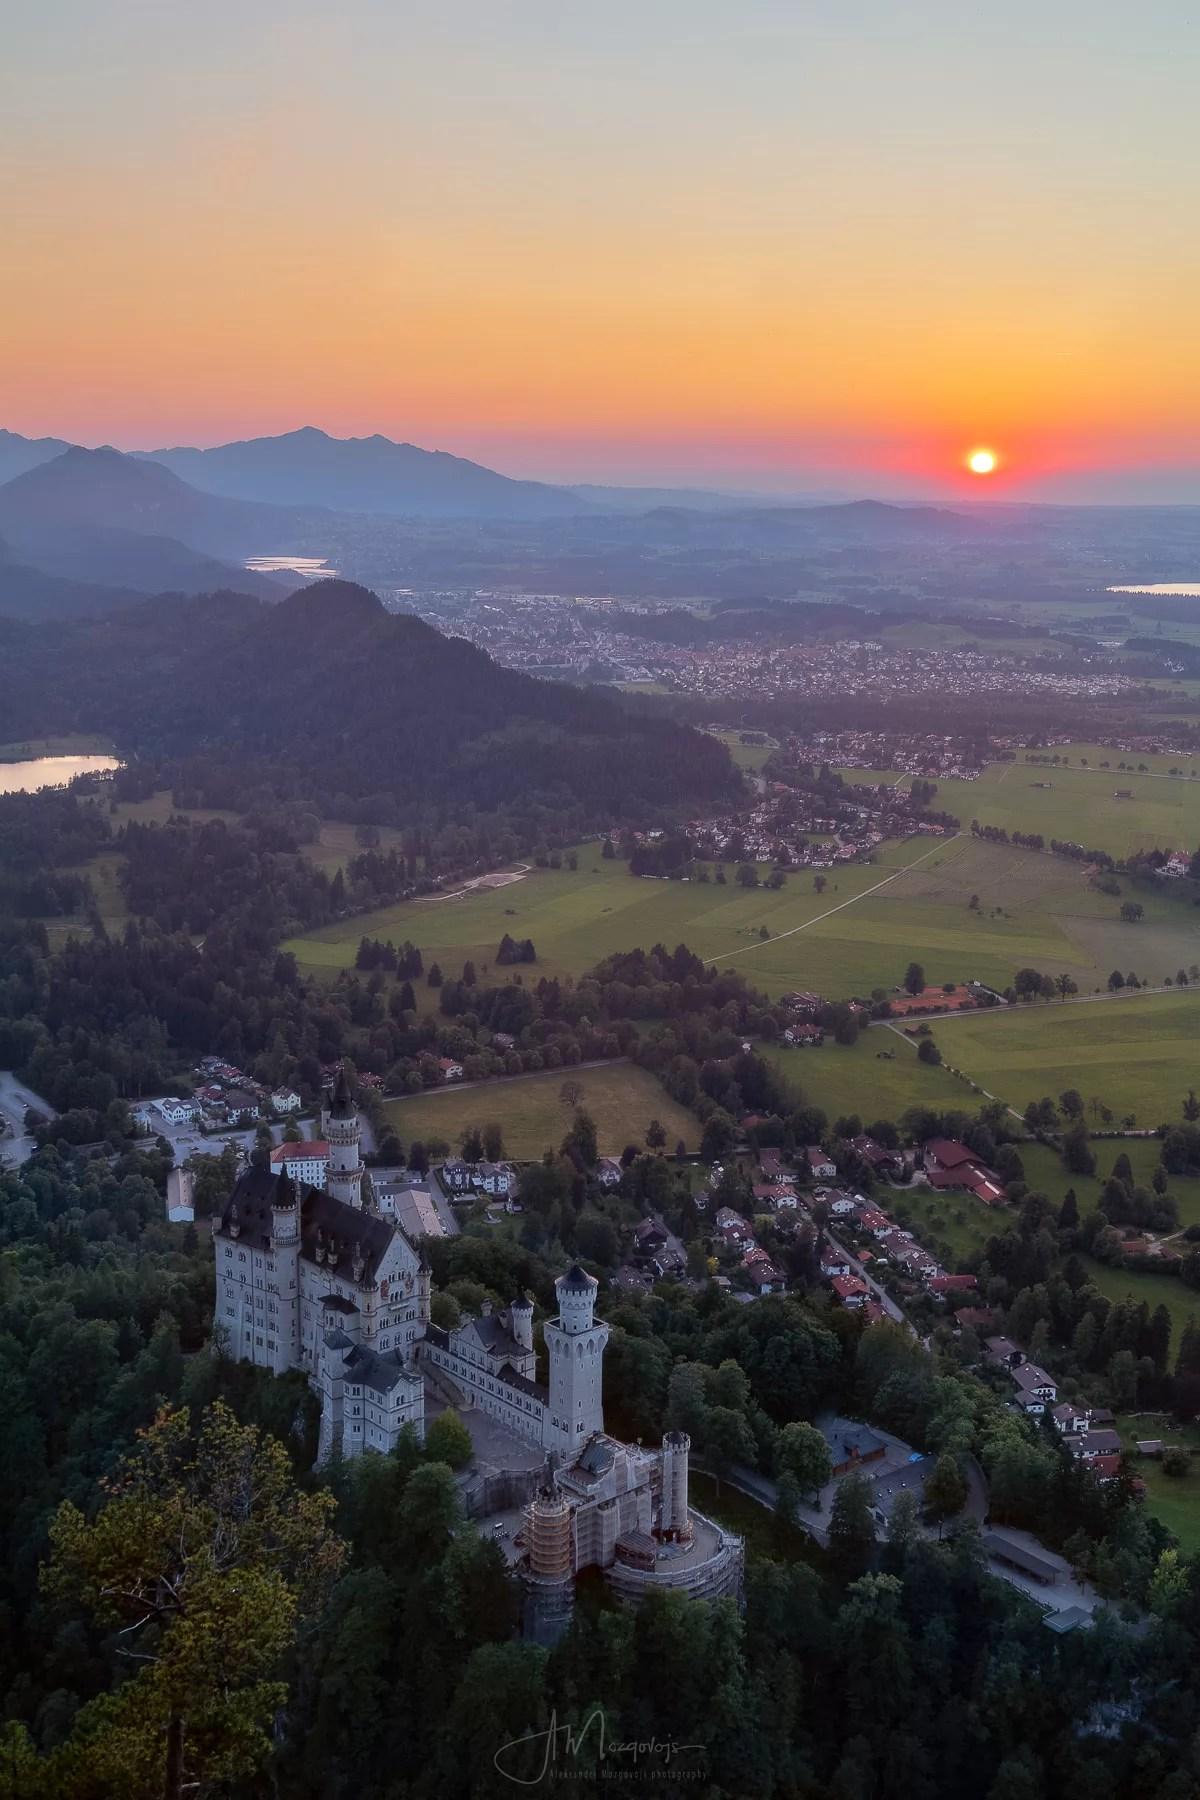 Fabulous sunset over castle Neuschwanstein